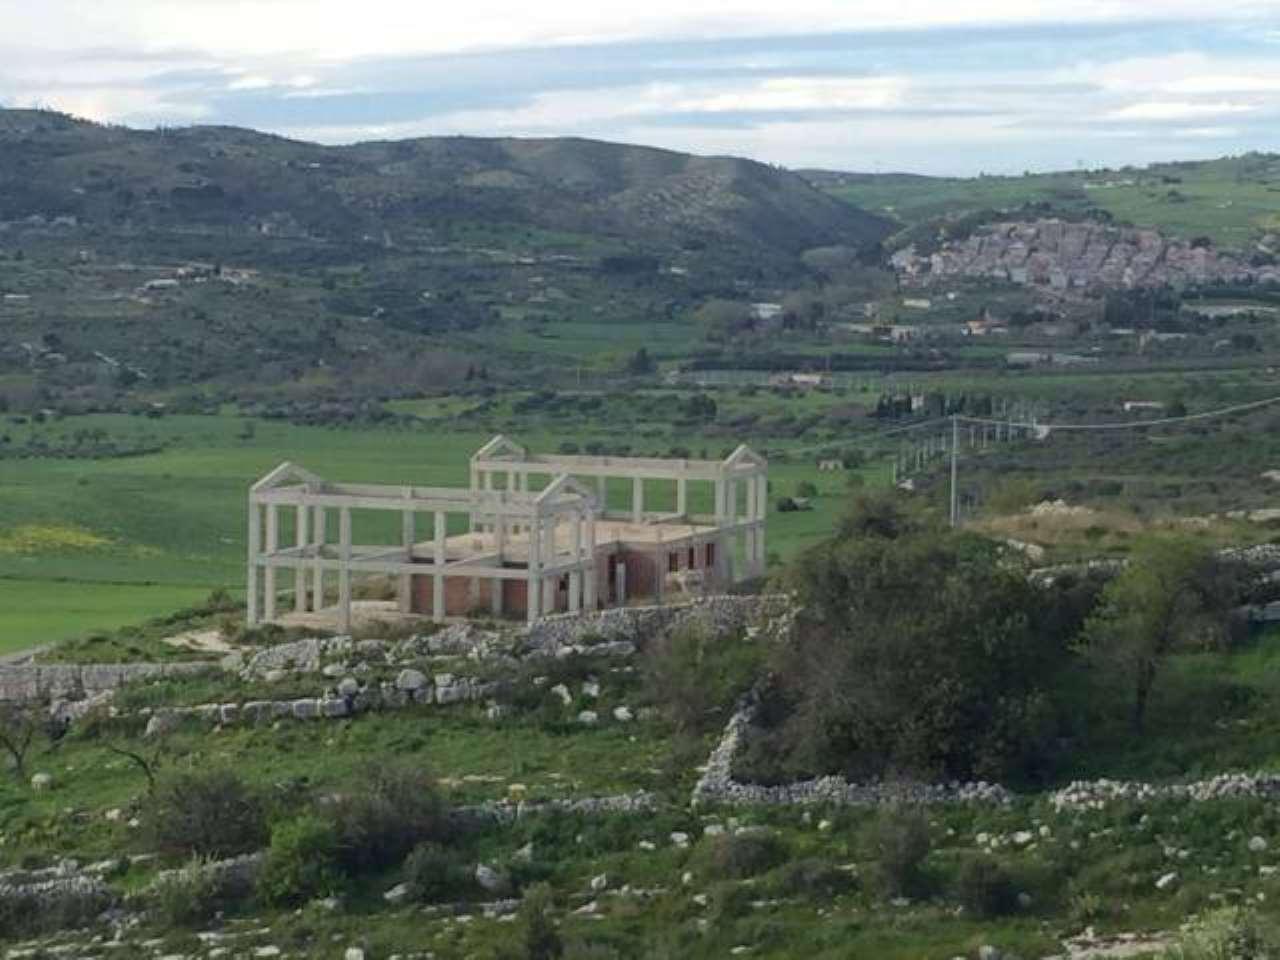 Terreno Agricolo in vendita a Giarratana, 9999 locali, prezzo € 2.000.000 | PortaleAgenzieImmobiliari.it